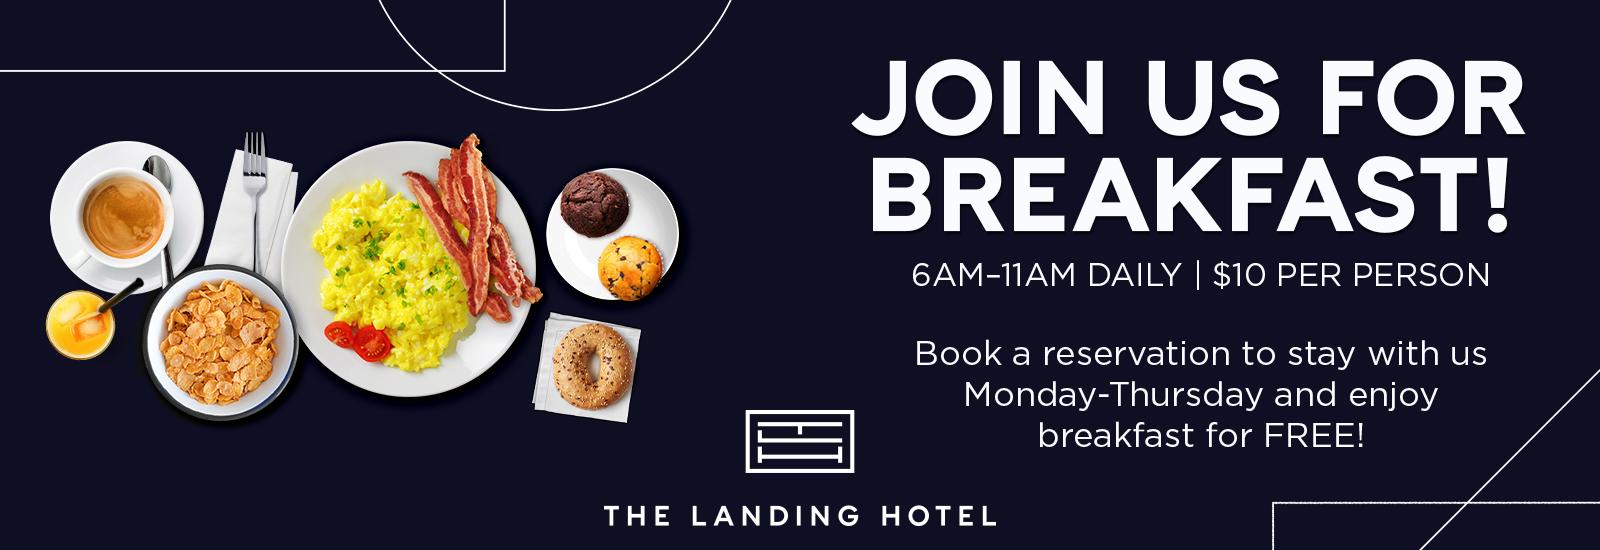 Landing Hotel Breakfast